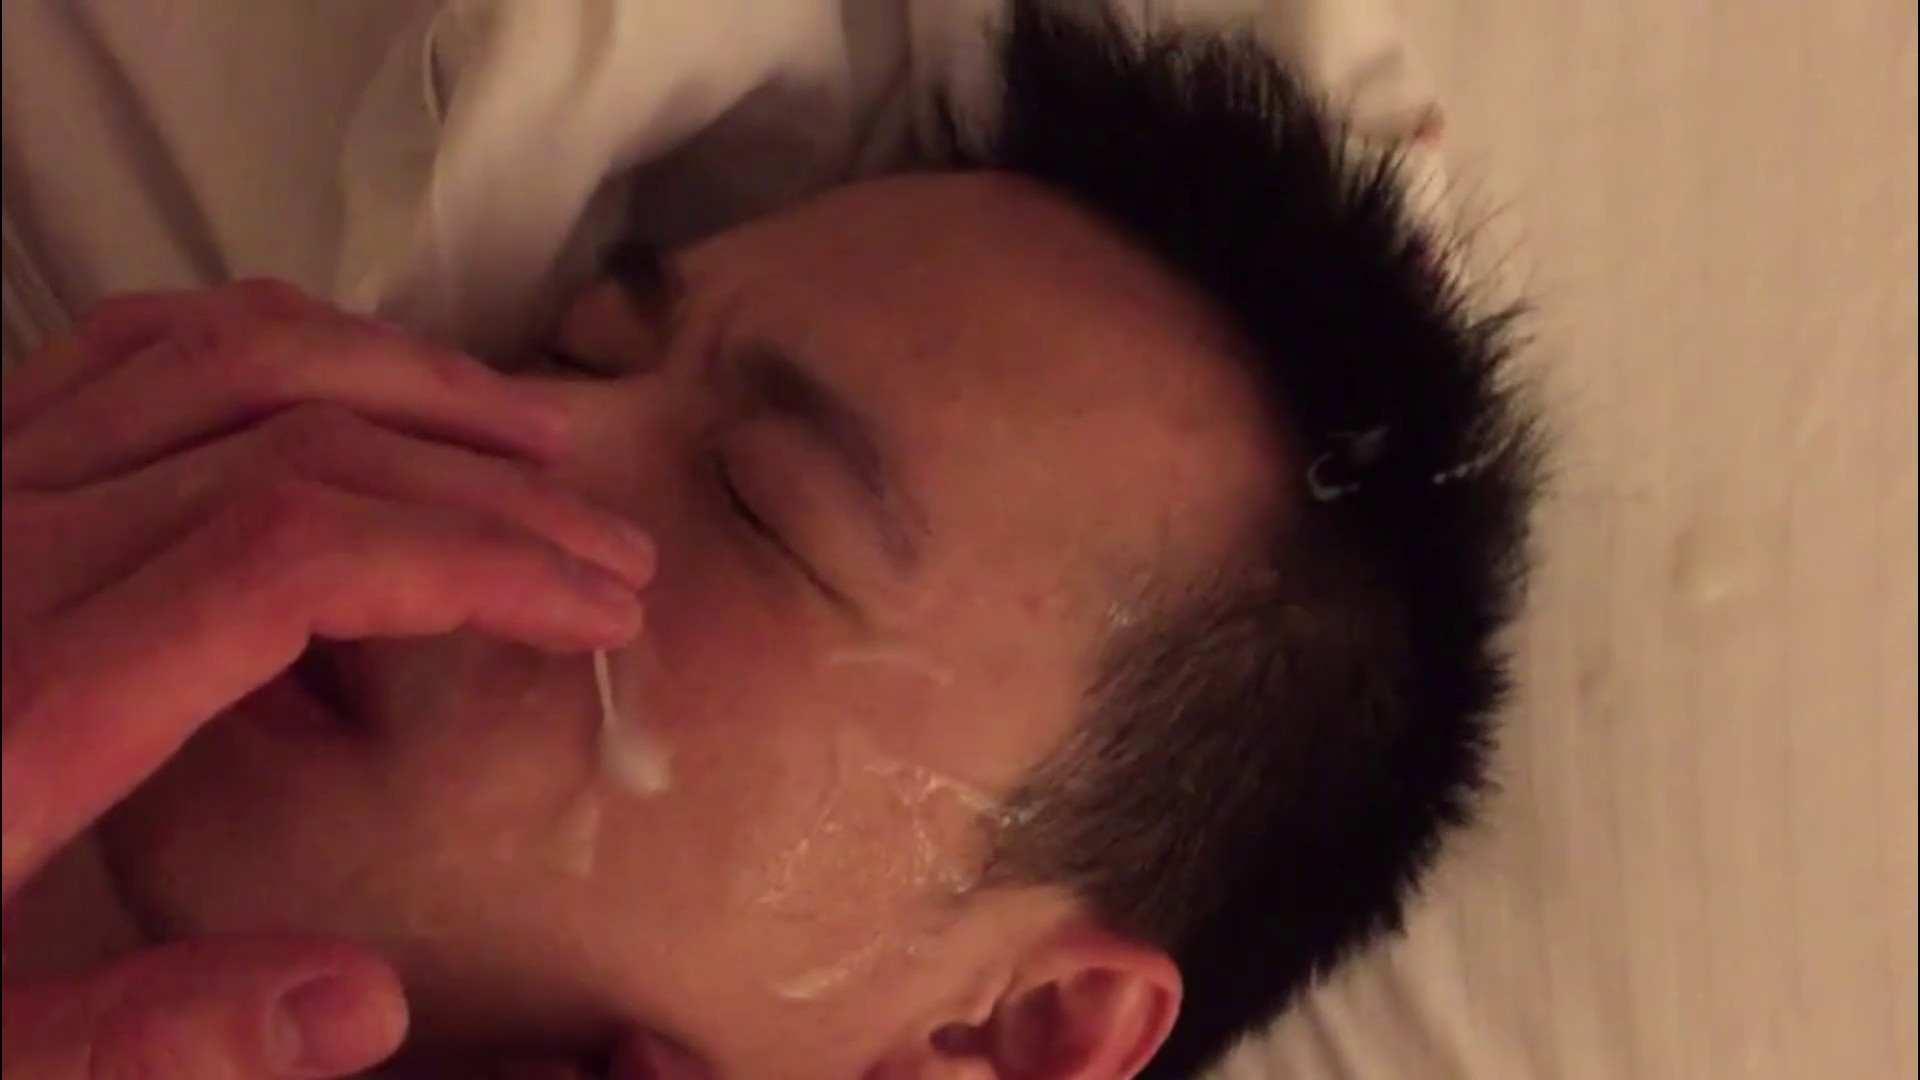 エロいフェラシーンをピックアップvol43 男まつり ゲイ無修正動画画像 96枚 24